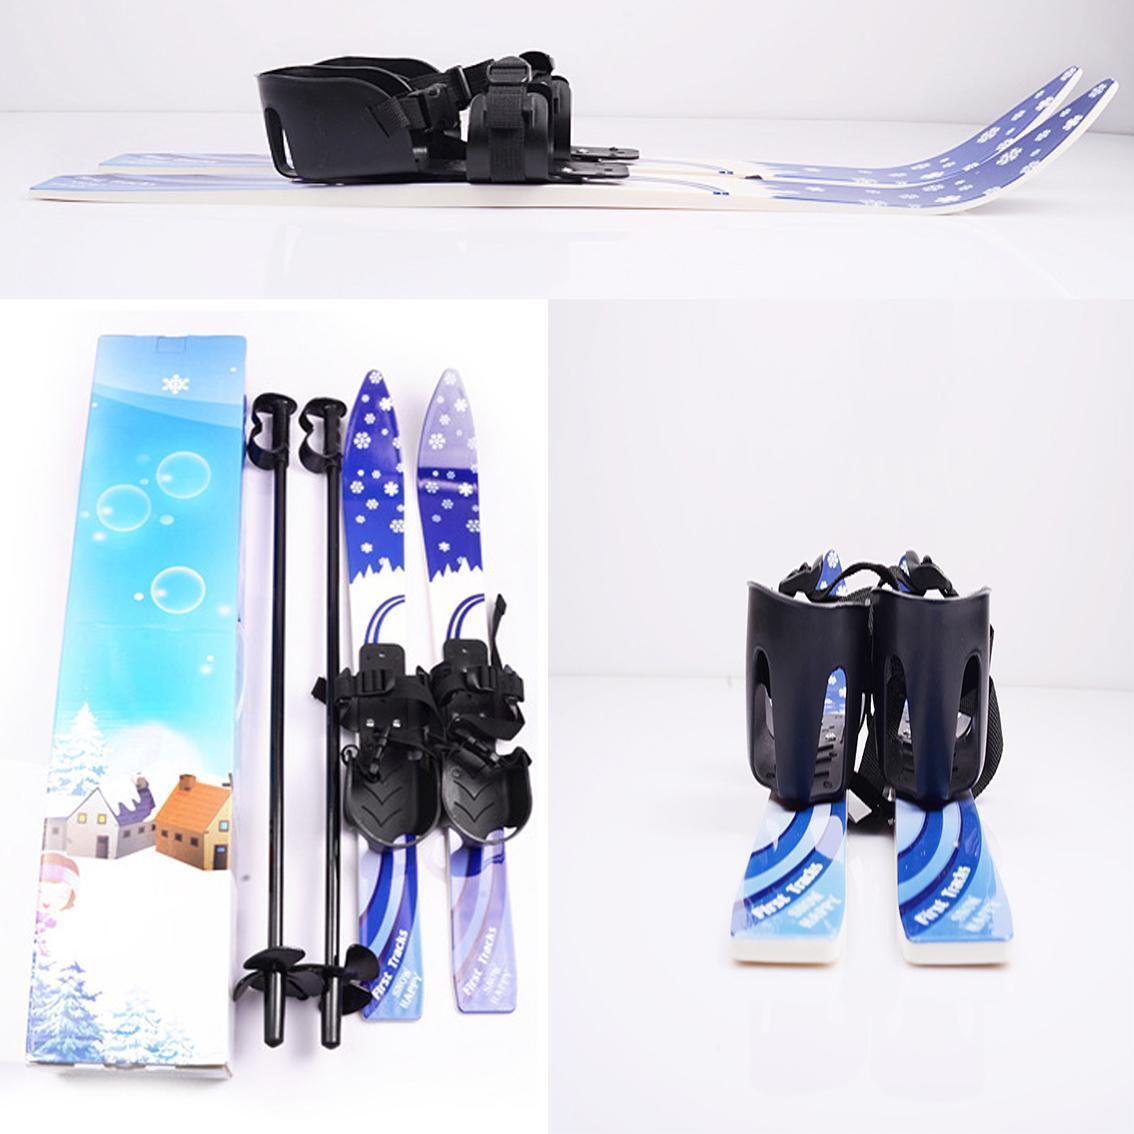 Kids Beginner Snow Skis Poles Set Board Bindings Skiblades Snowboard Gift 65cm